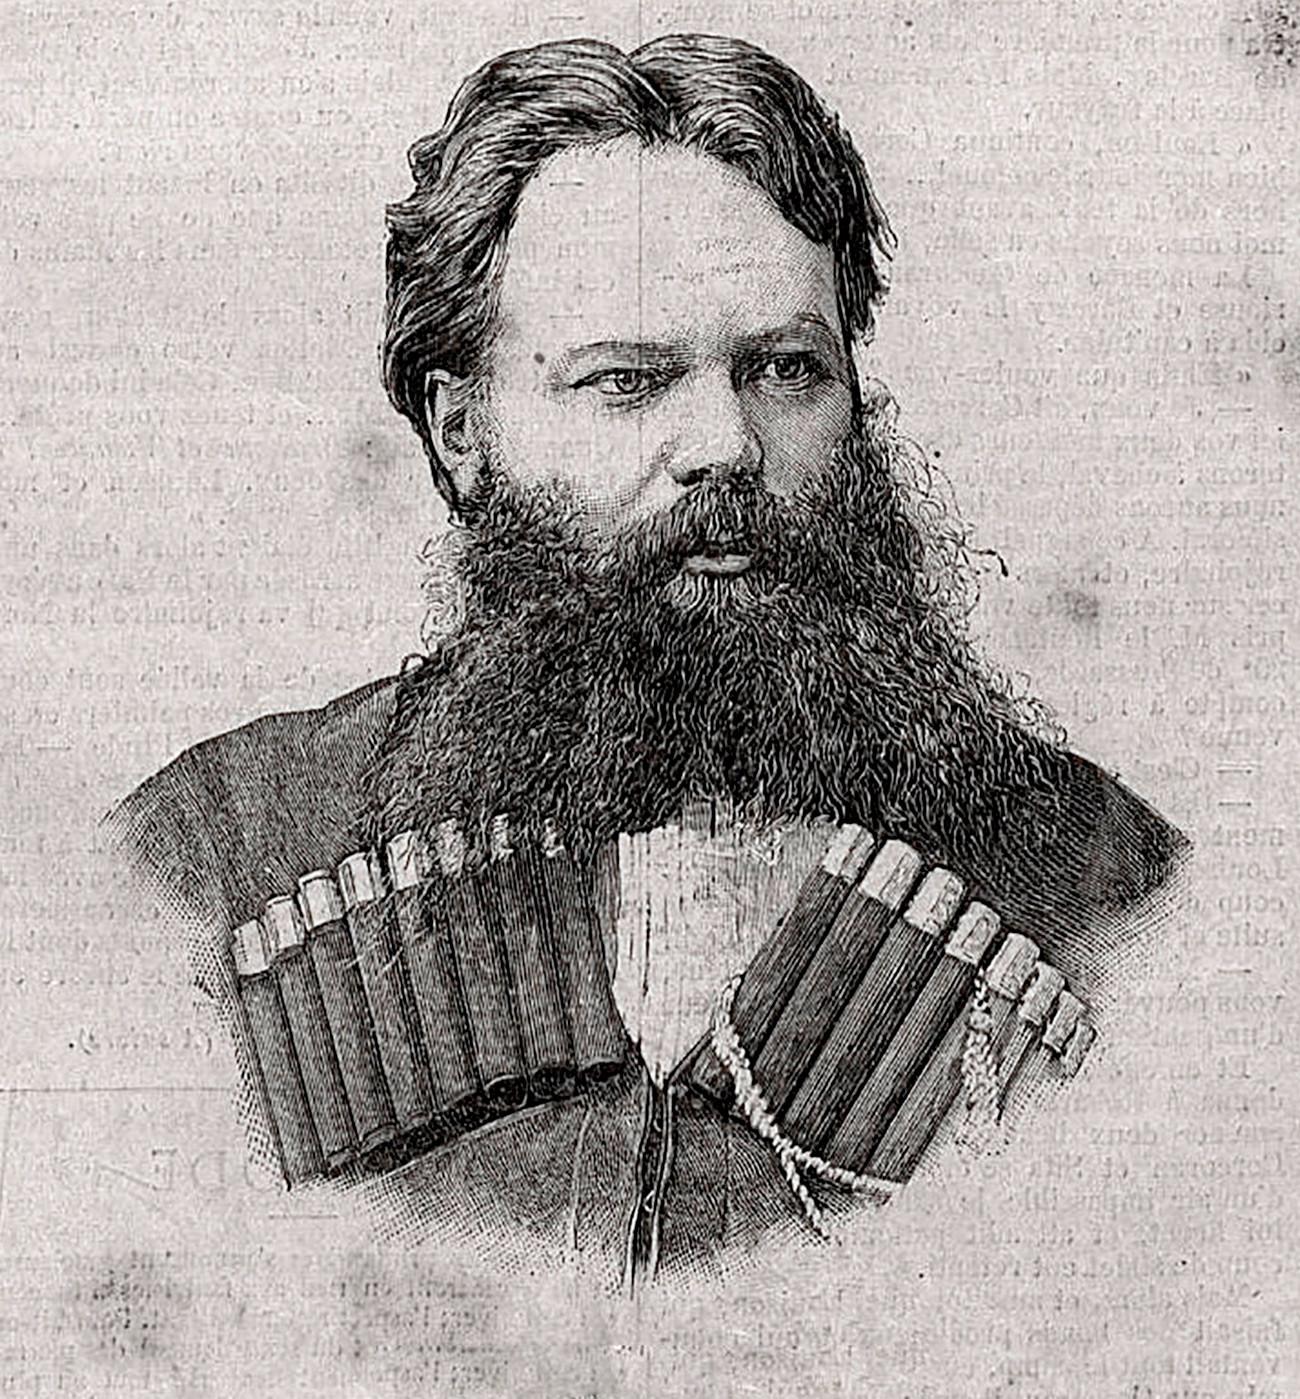 Nikolai Aschinow